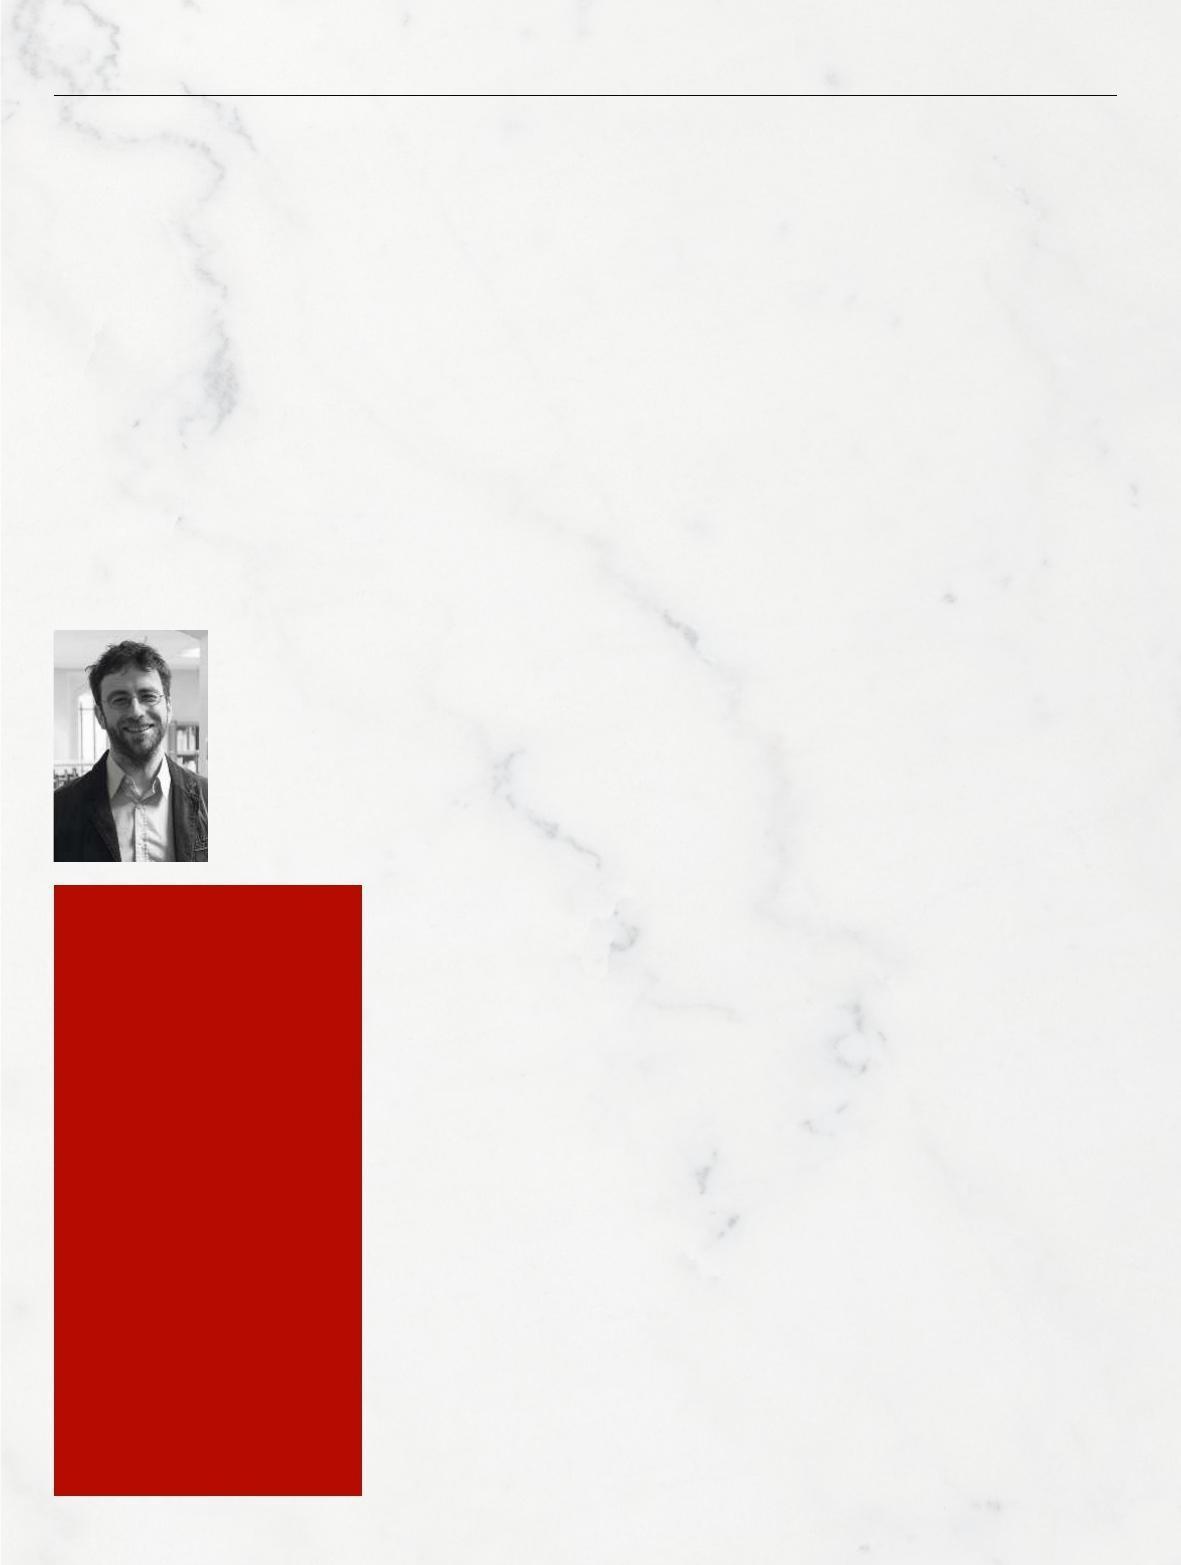 RECETTES, RÉALISATION ET STYLISME JULIE SCHWOB PHOTOS JEAN-BLAISE HALL MERCI À FLORIAN DELBUT POUR SES CONSEILS, À LE CREUSET POUR SON FAITOUT ET À OPINEL POUR LES COUTEAUX